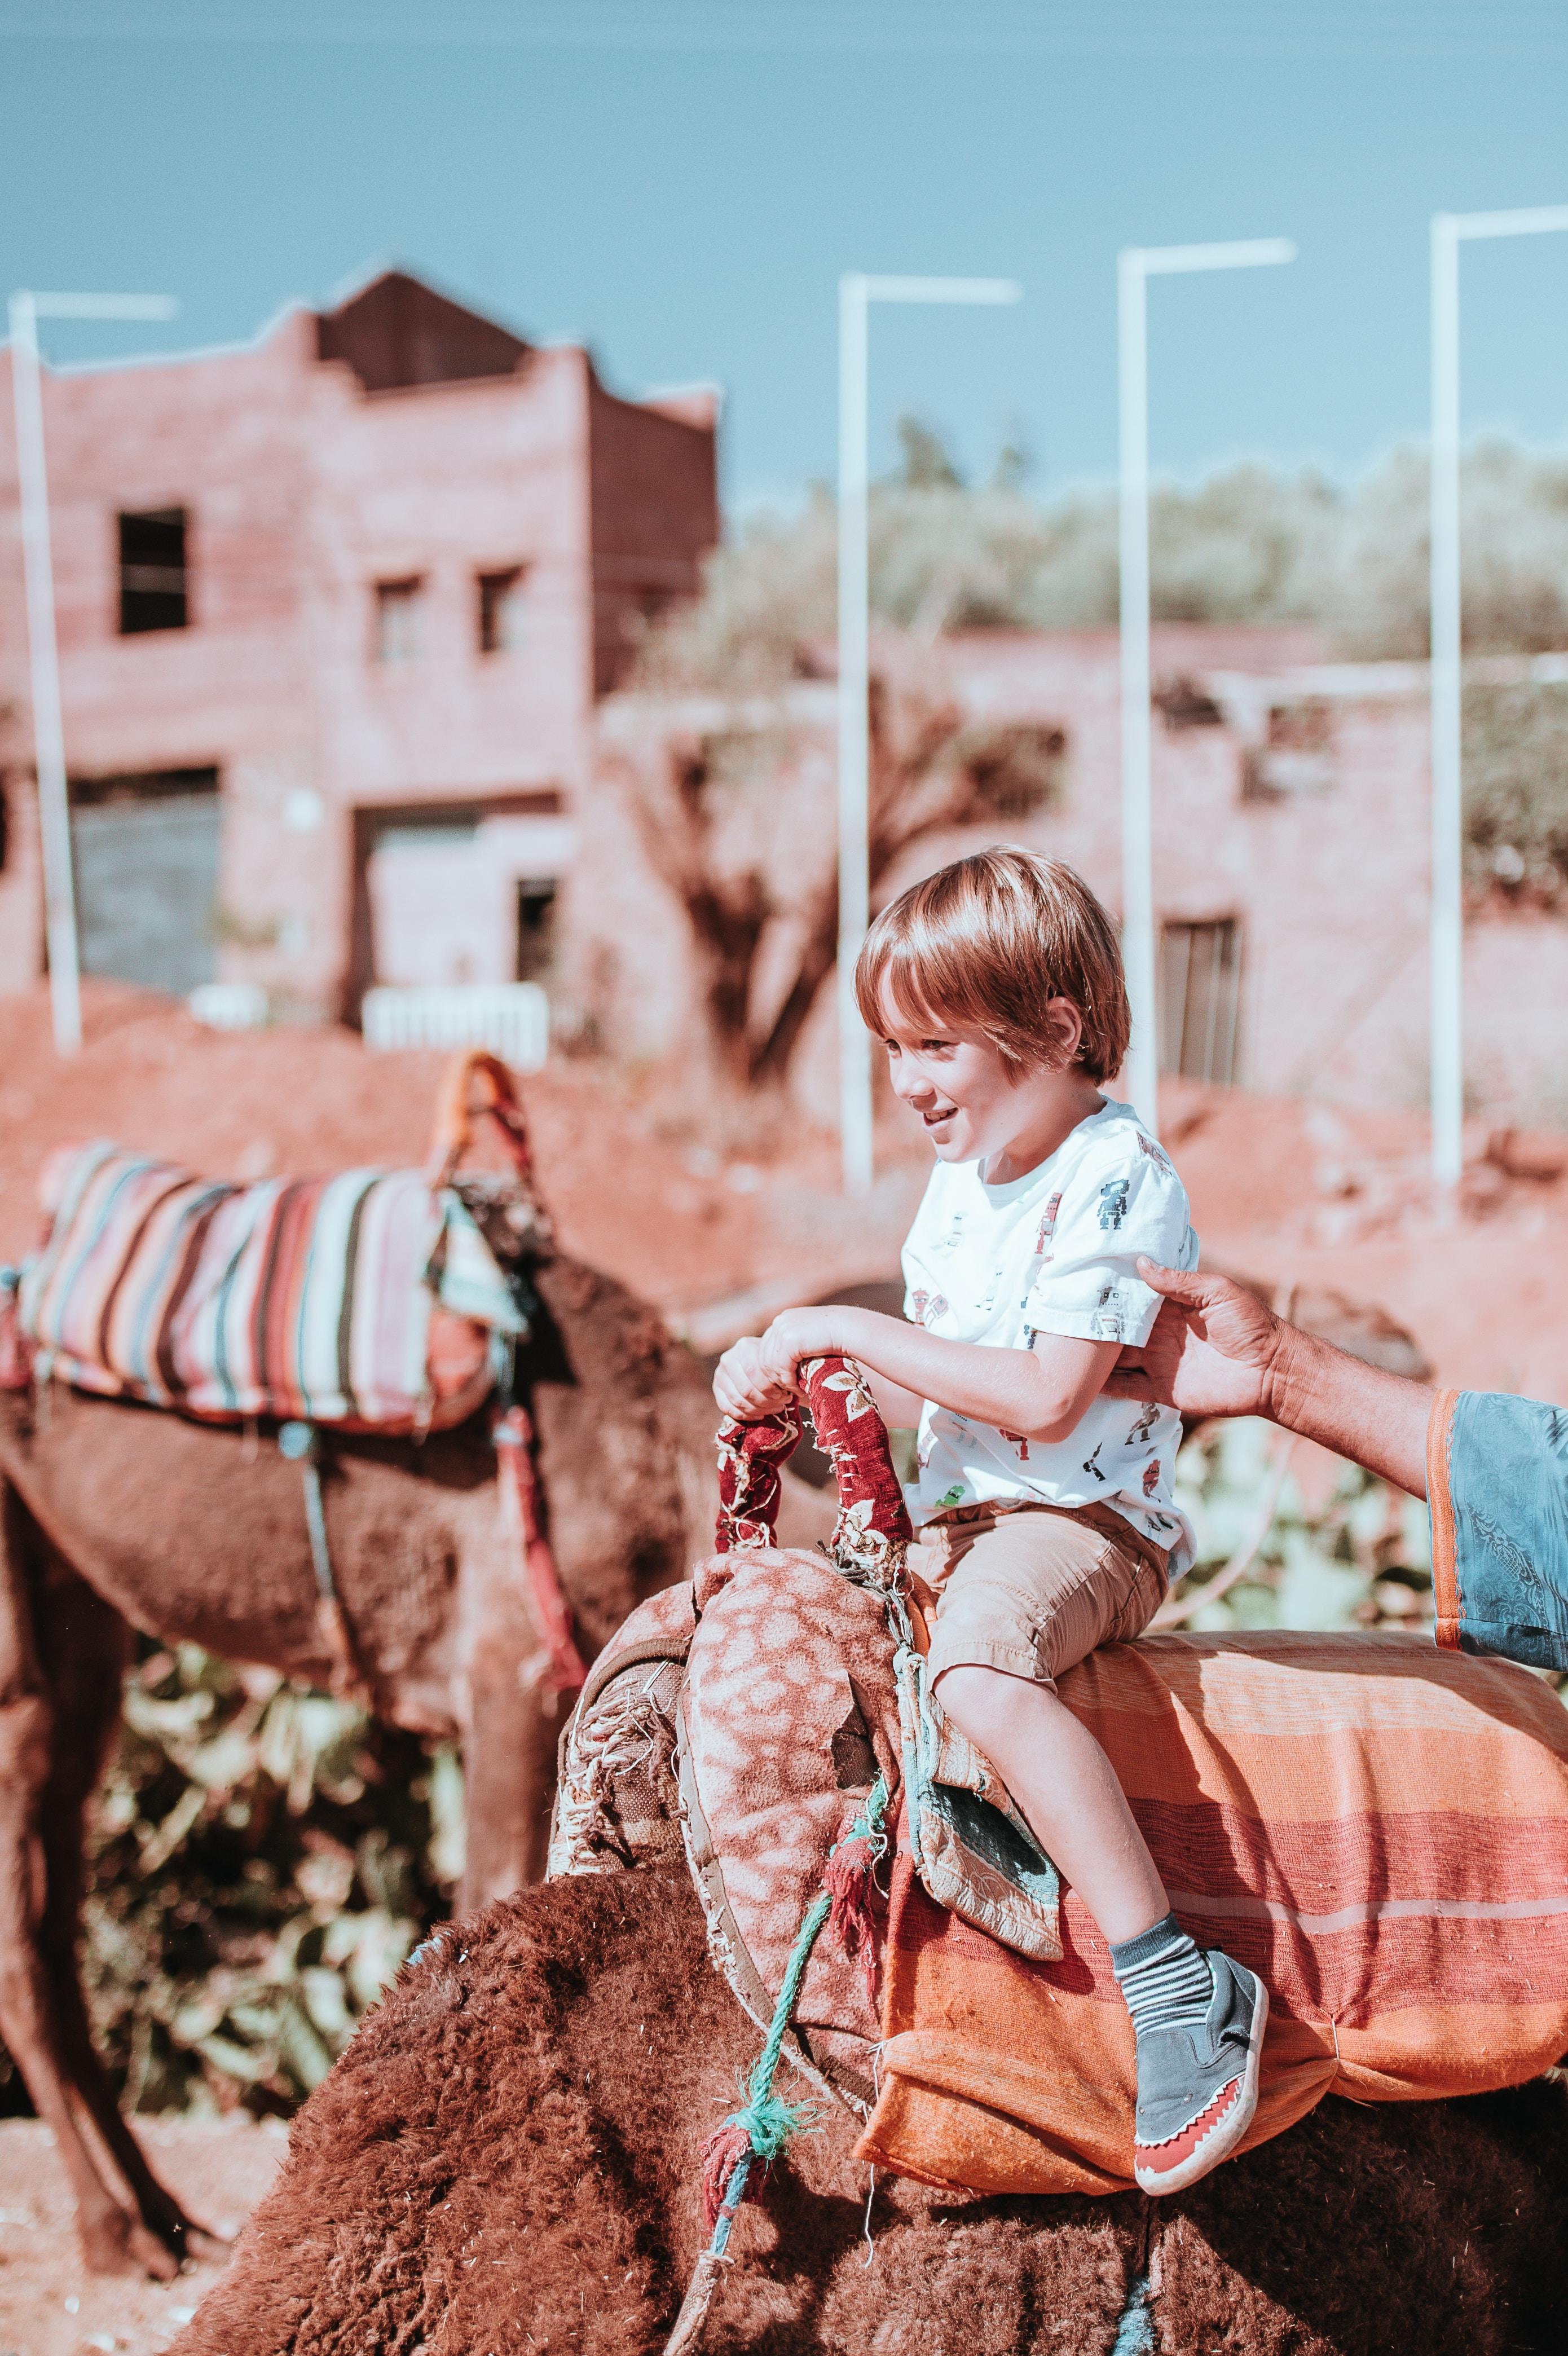 boy riding animal during daytime